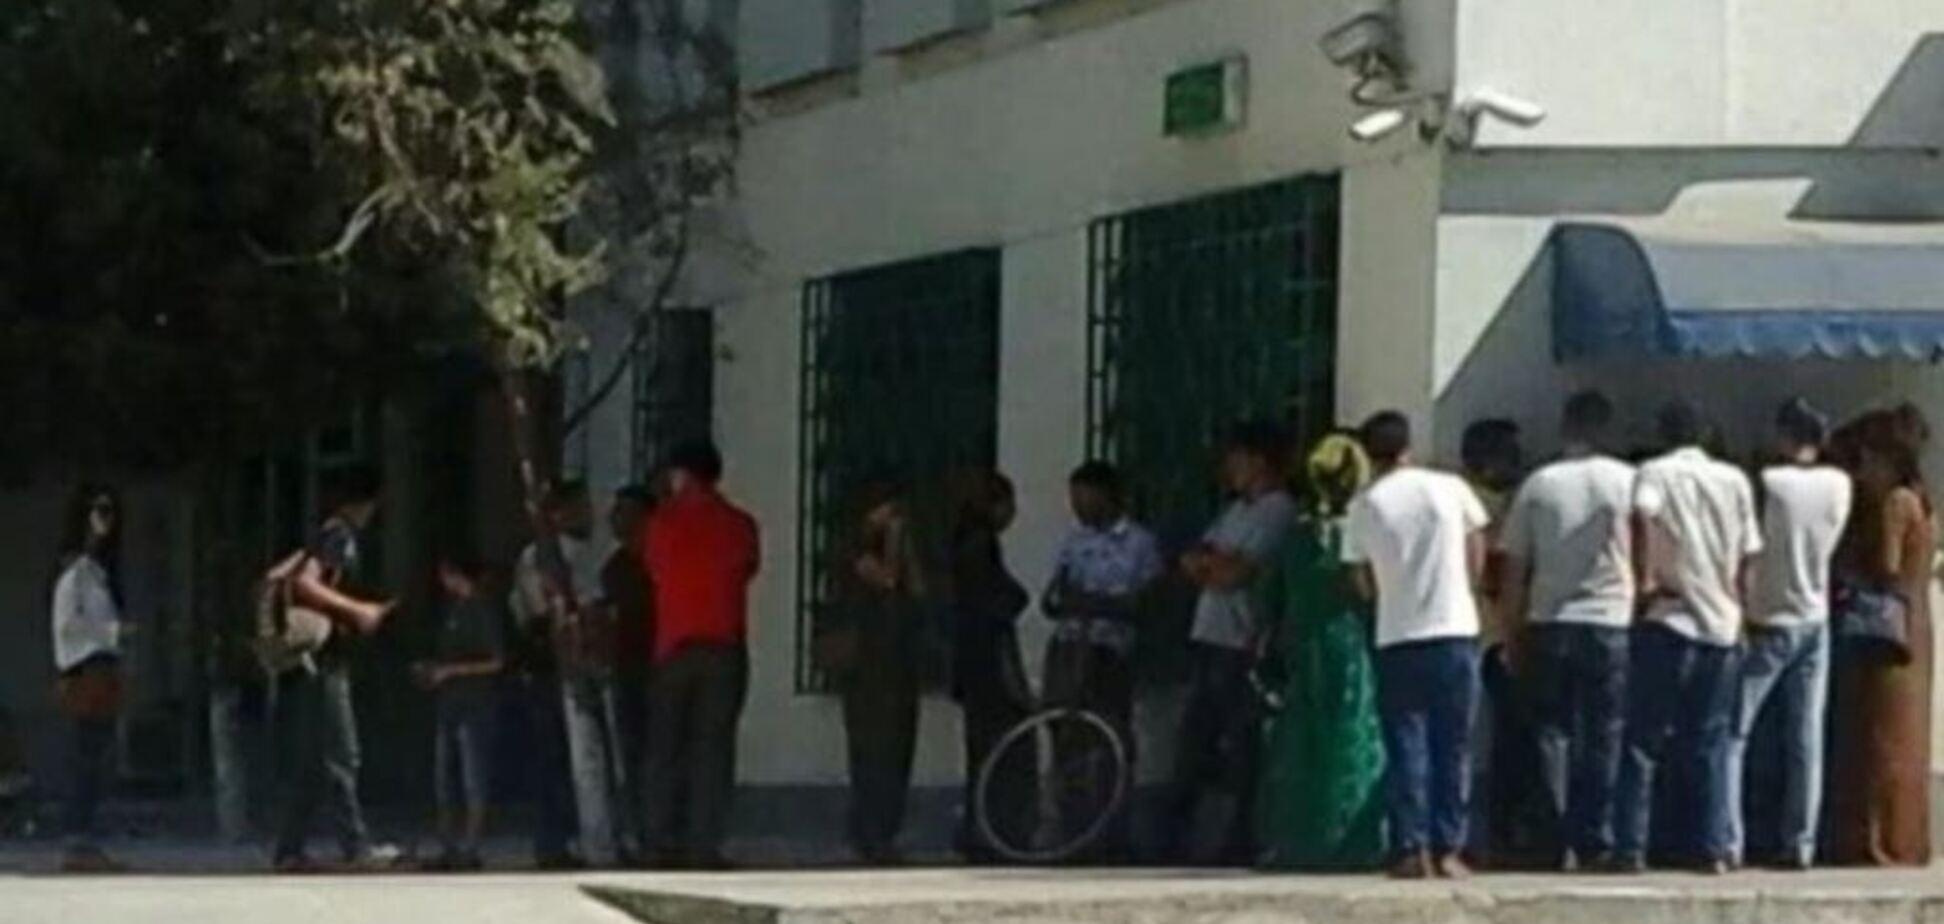 'Не стійте в чергах': у Туркменістані поліція влаштувала полювання на людей біля банкоматів